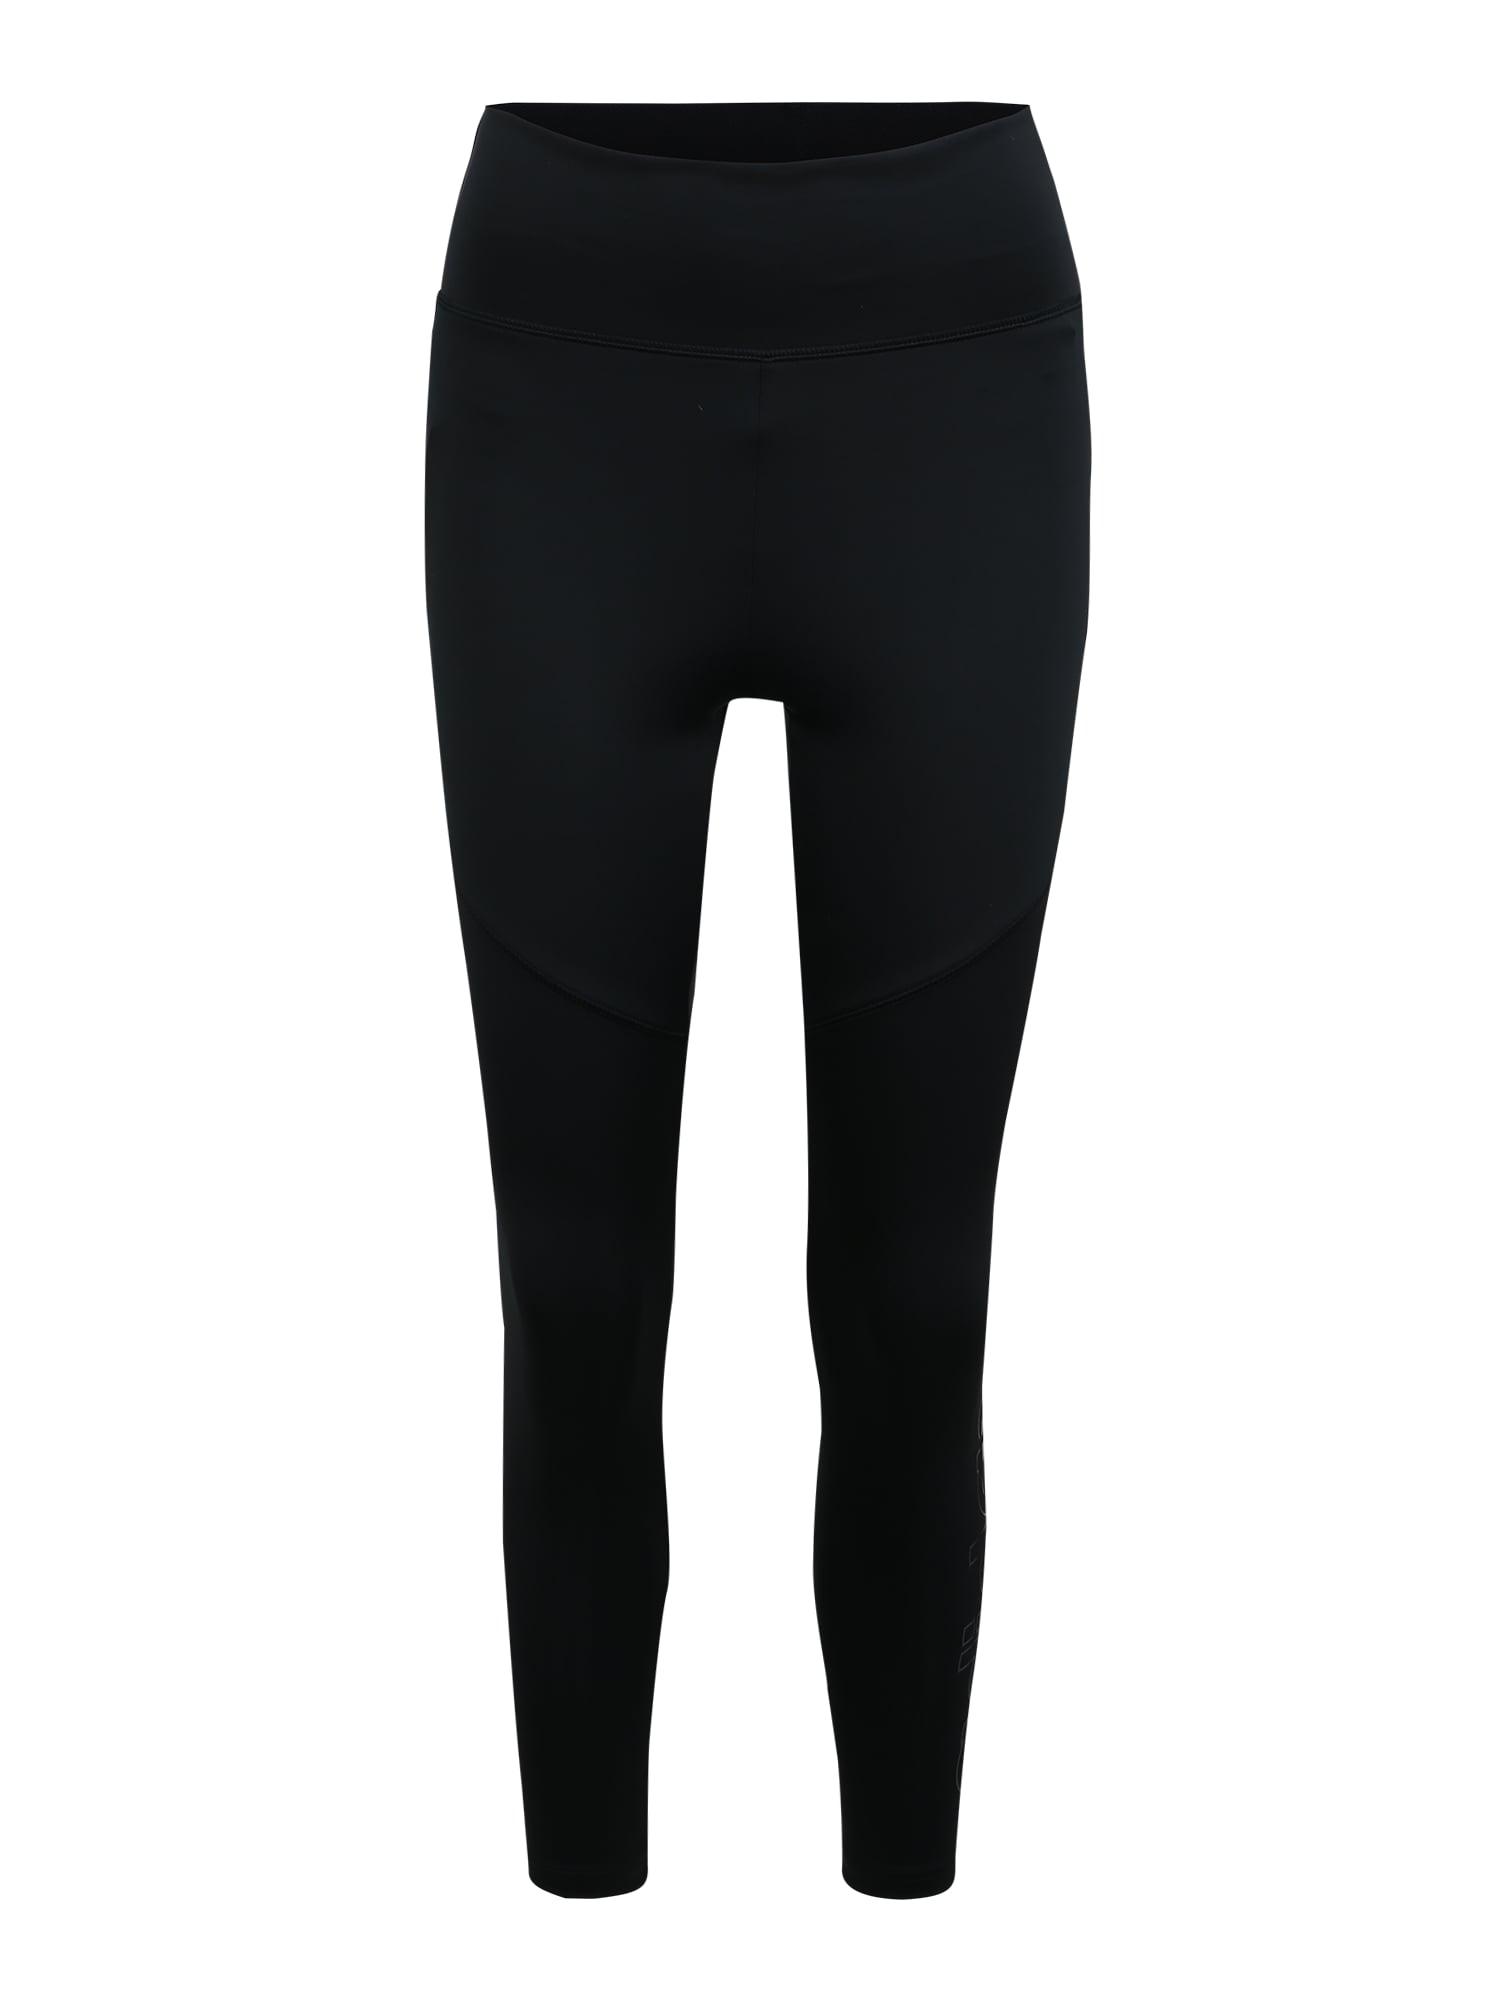 ADIDAS PERFORMANCE Sportinės kelnės 'W D2M BRD 78TIG' juoda